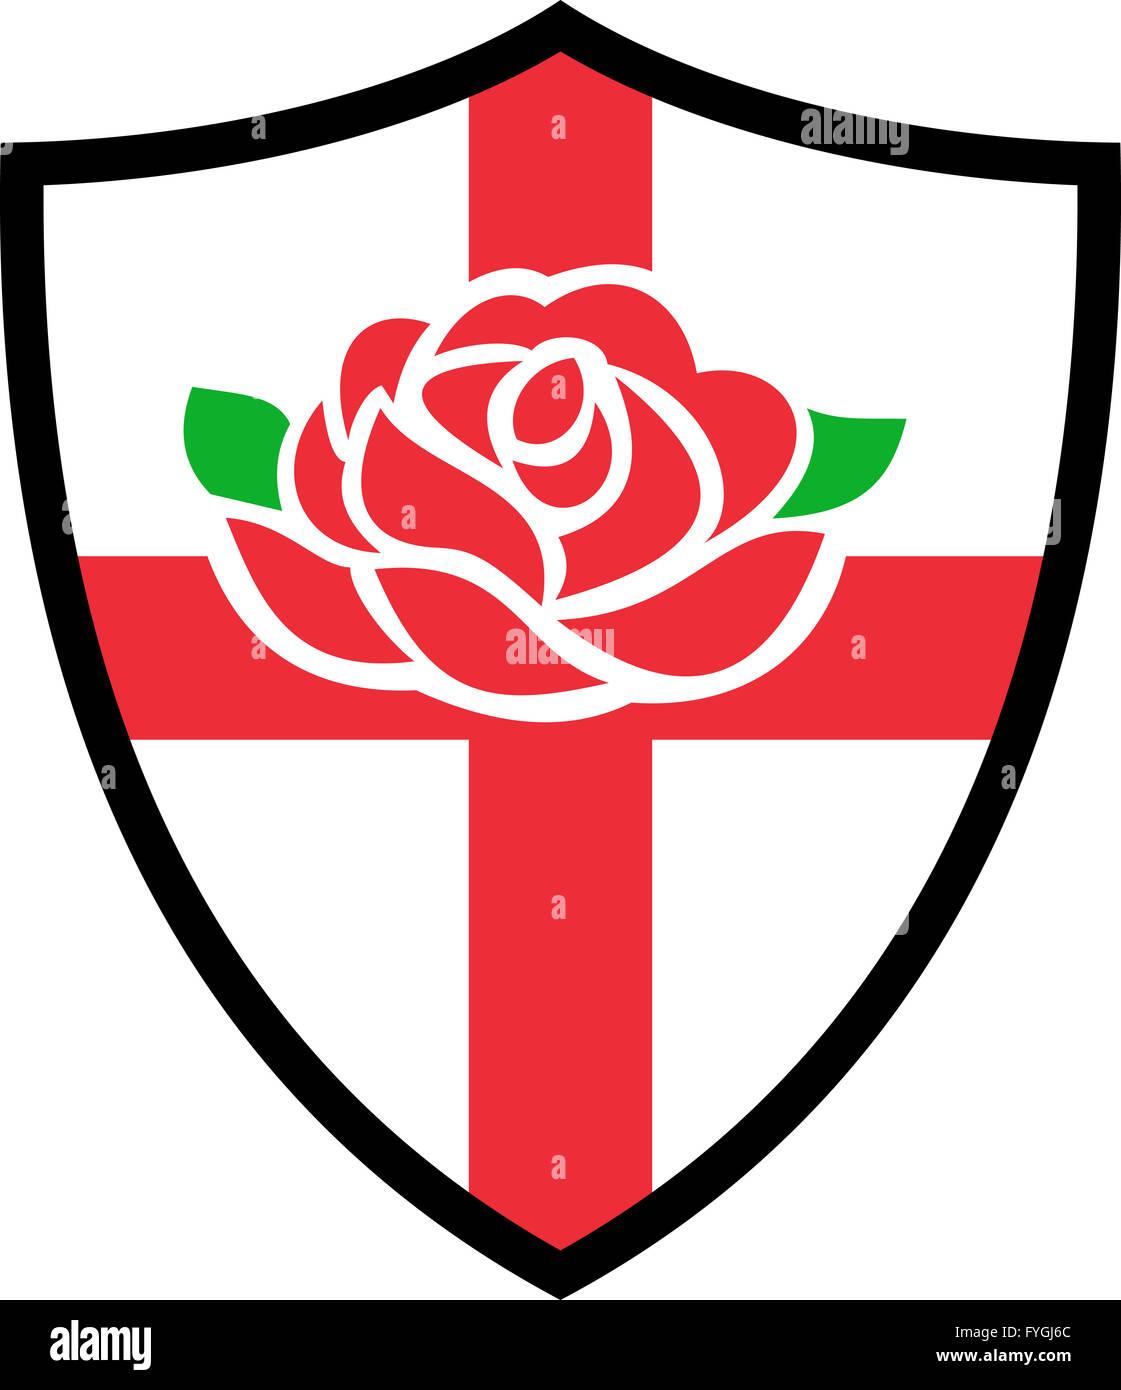 Rugby england english rose shield stock photo royalty free image rugby england english rose shield buycottarizona